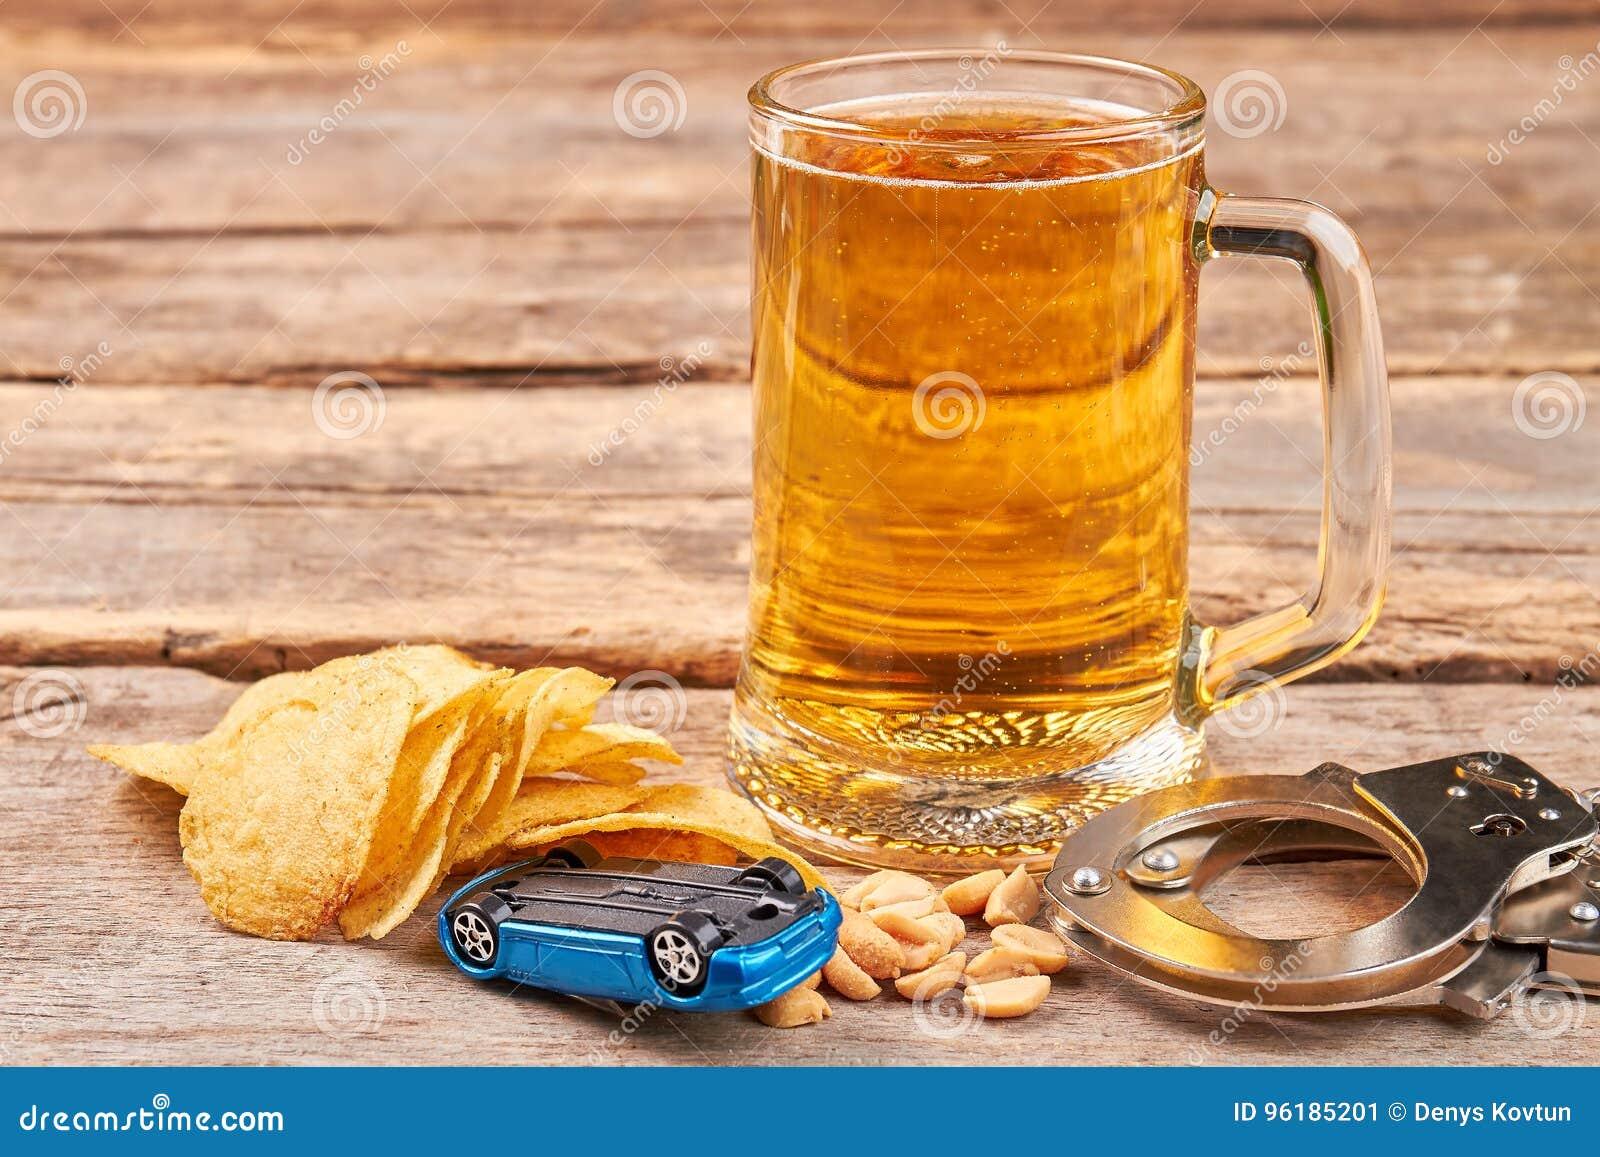 Evite culpable en los caminos, no beba